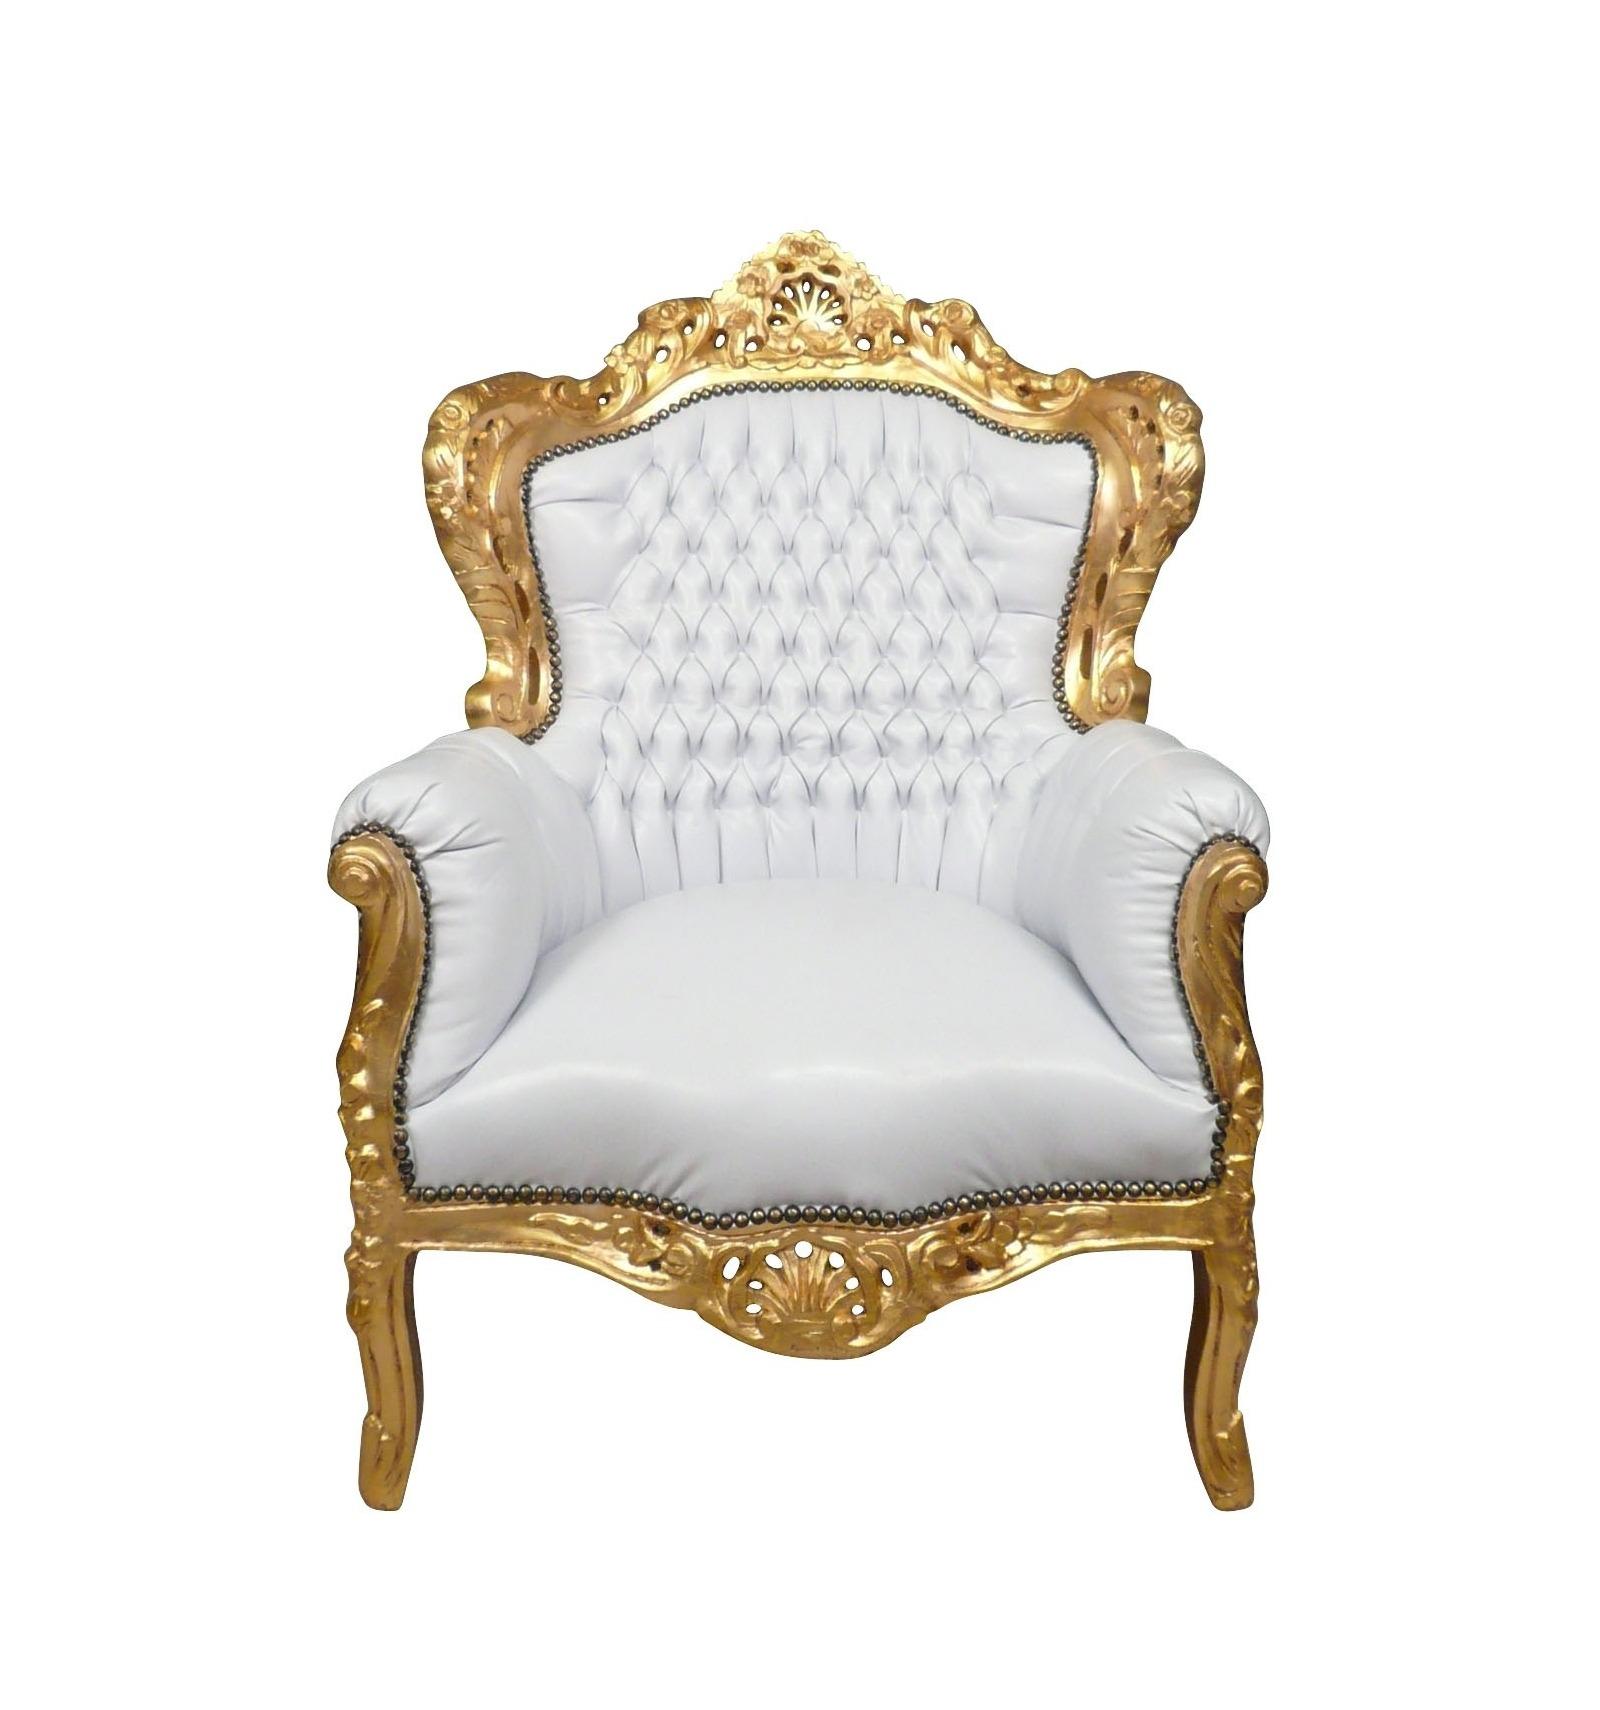 Weiß Barock Sessel Tiffany Lampen